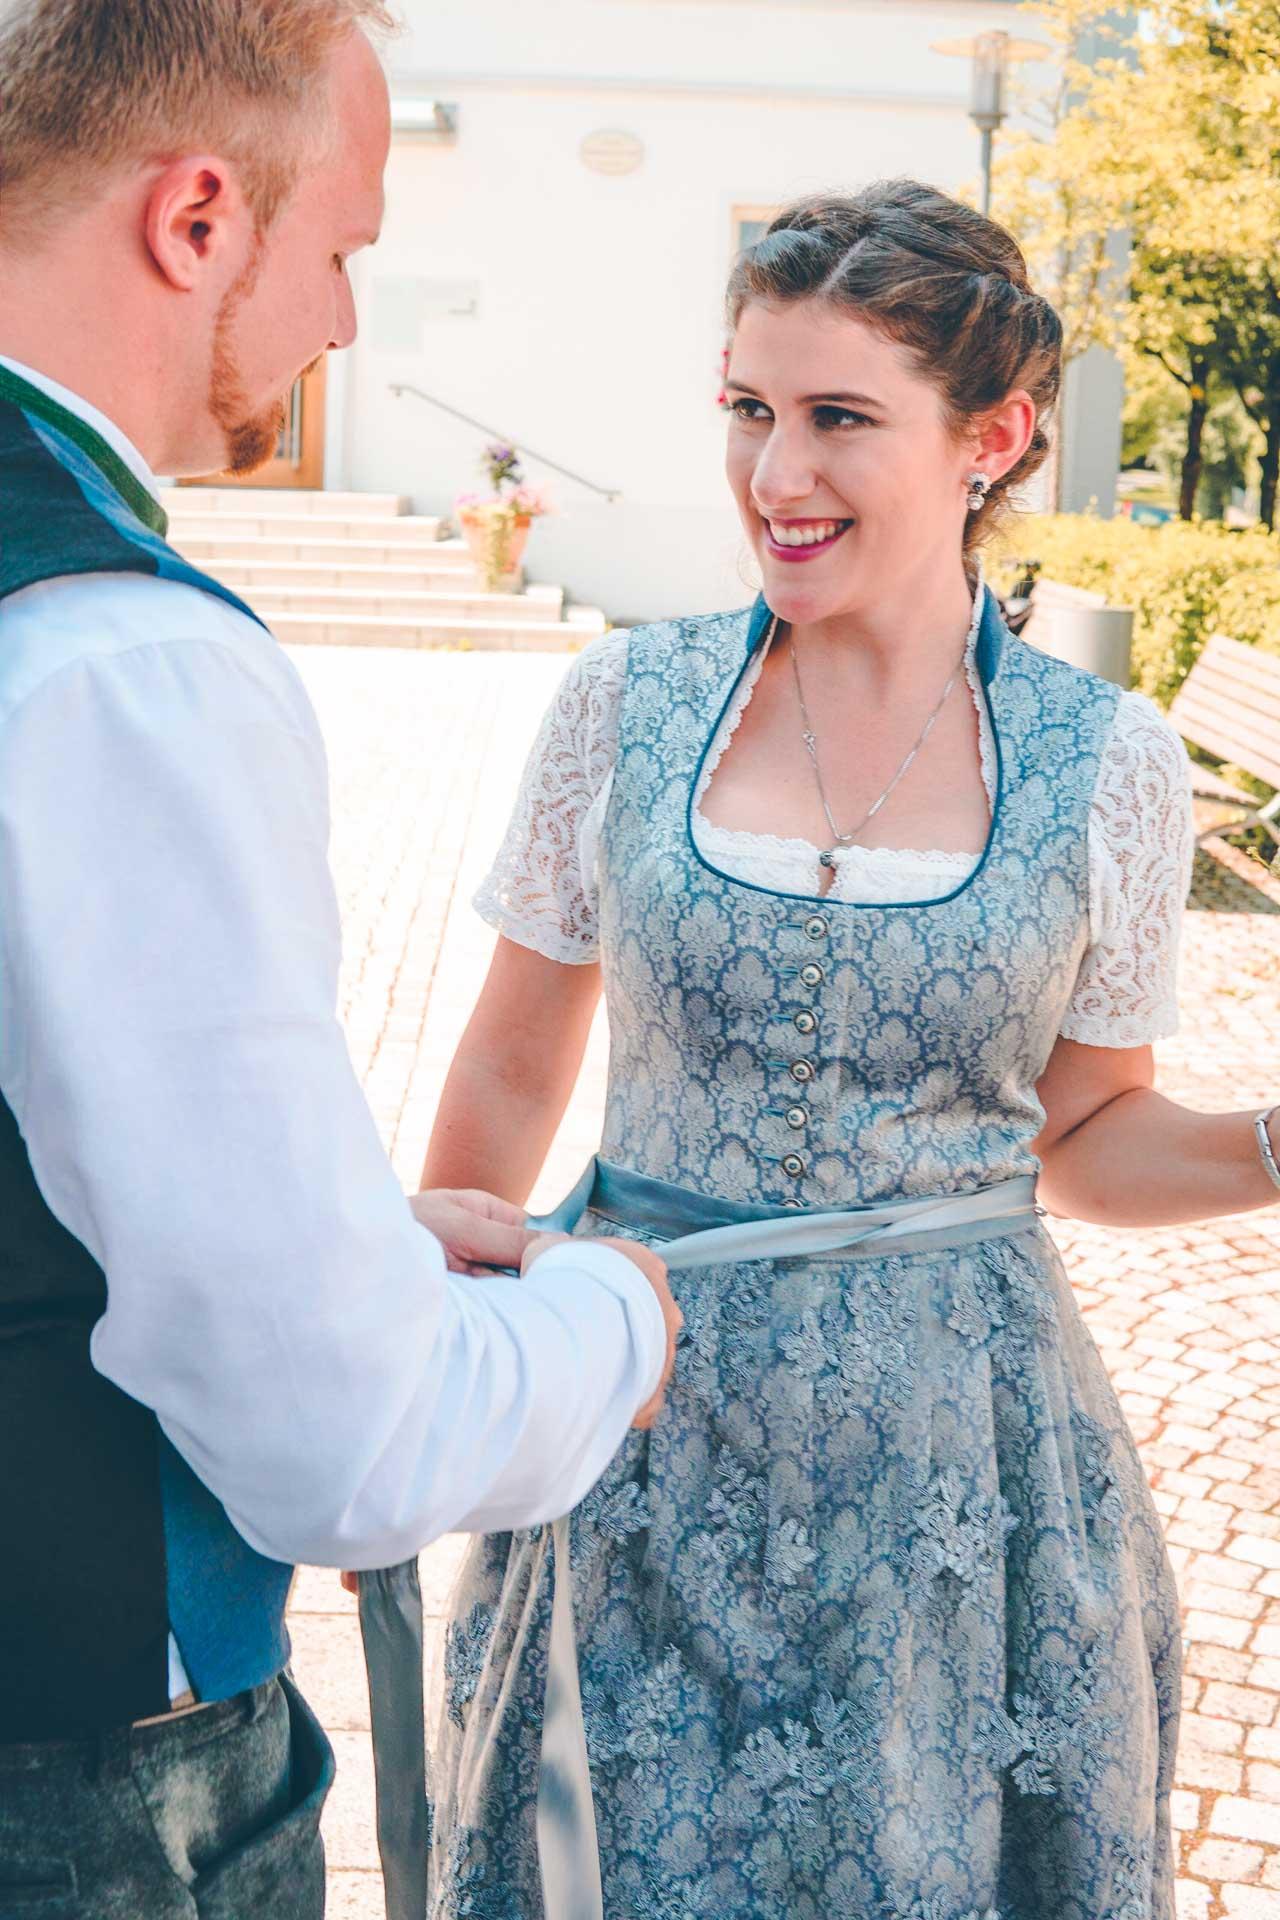 DIe Braut und ihr frisch Angetrauter nach der Trauung